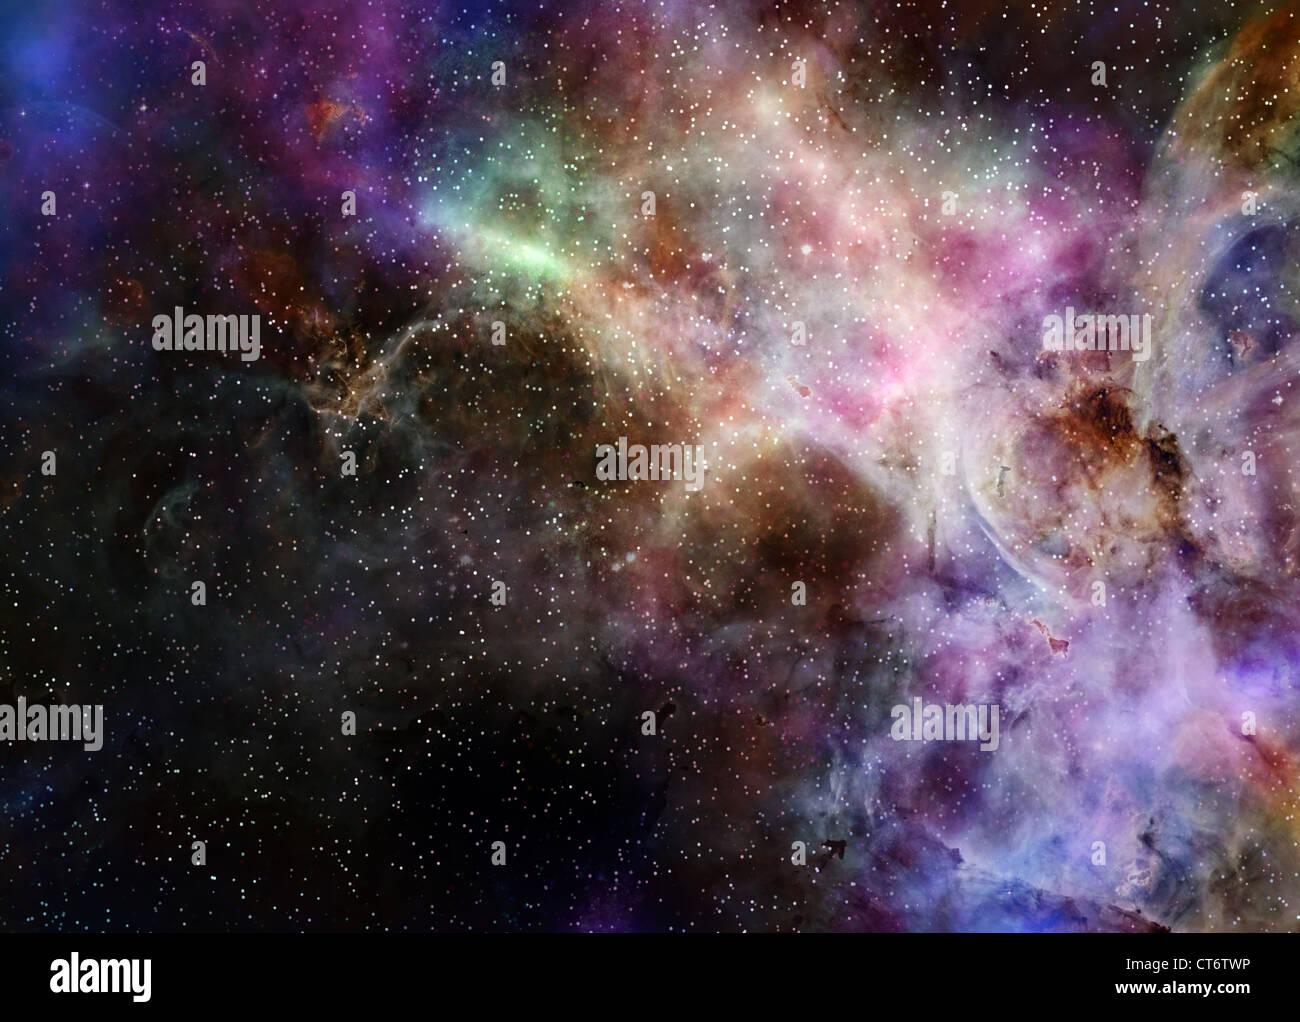 L'espace profond galaxie nébuleuse nuage de gaz et d'étoiles Photo Stock